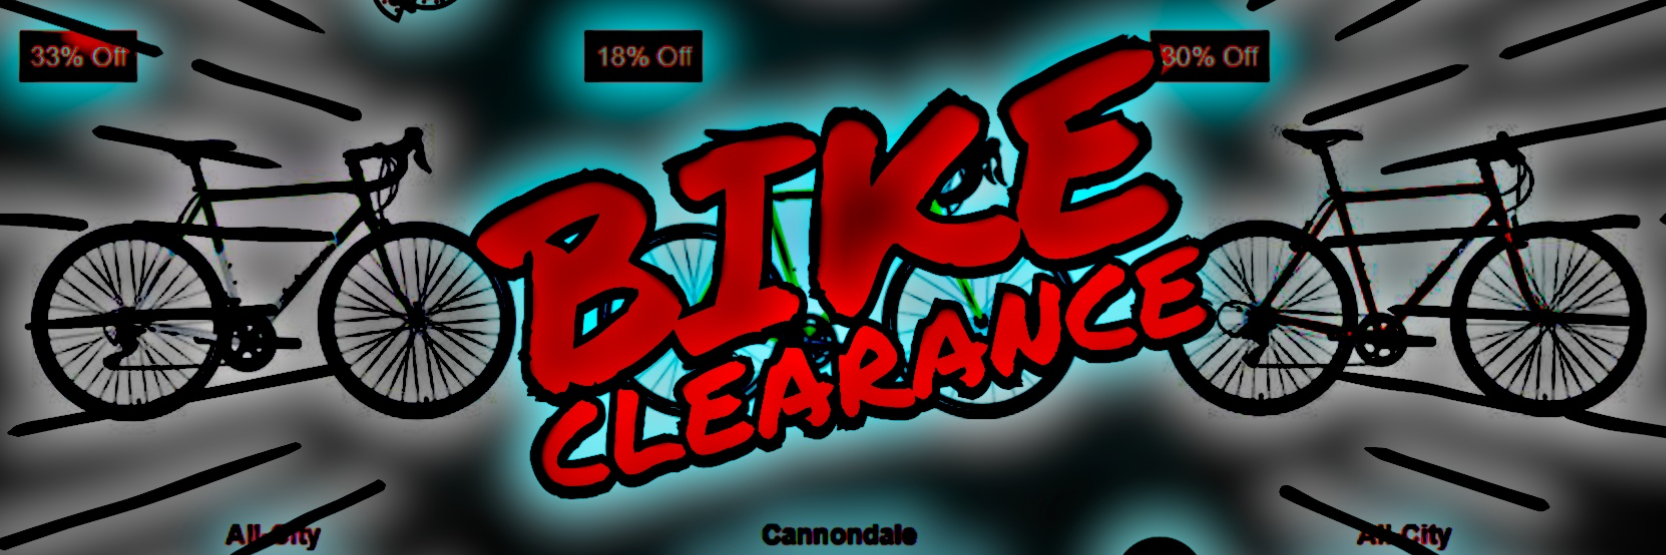 Bike Clearance!